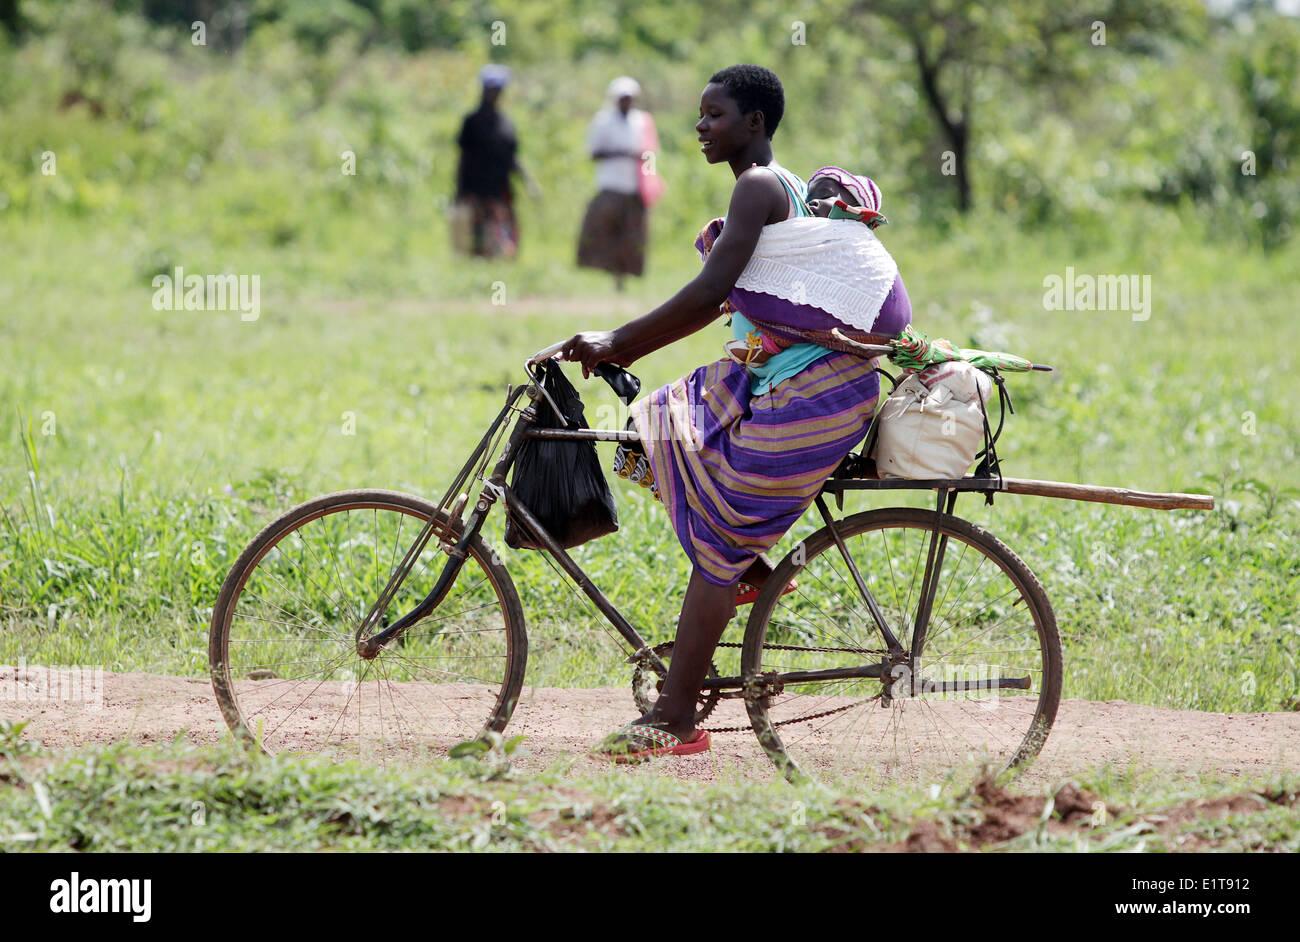 Una madre y su bebé ciclo en la parte rural del distrito de Lira, en el norte de Uganda. Imagen De Stock